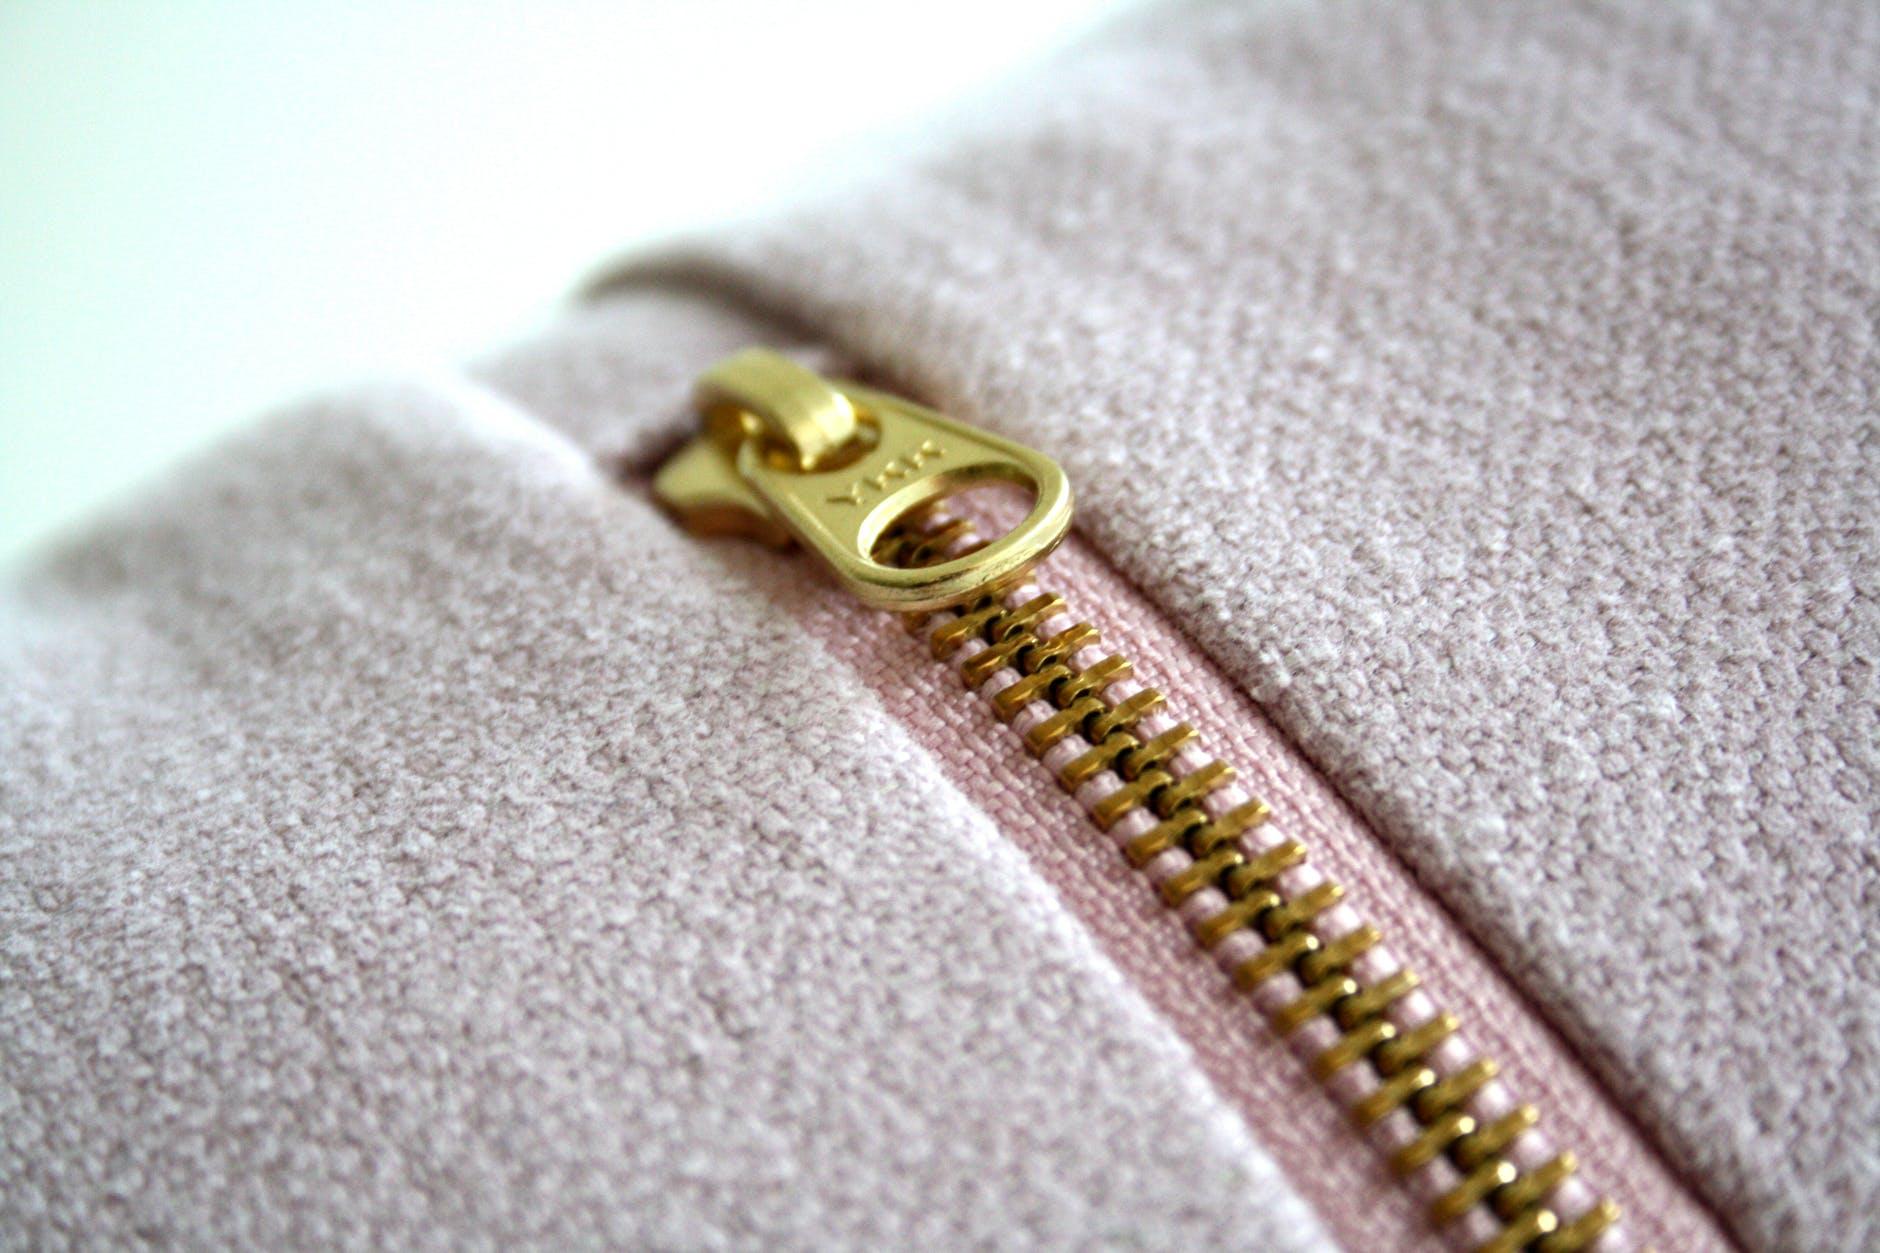 gold colored zipper